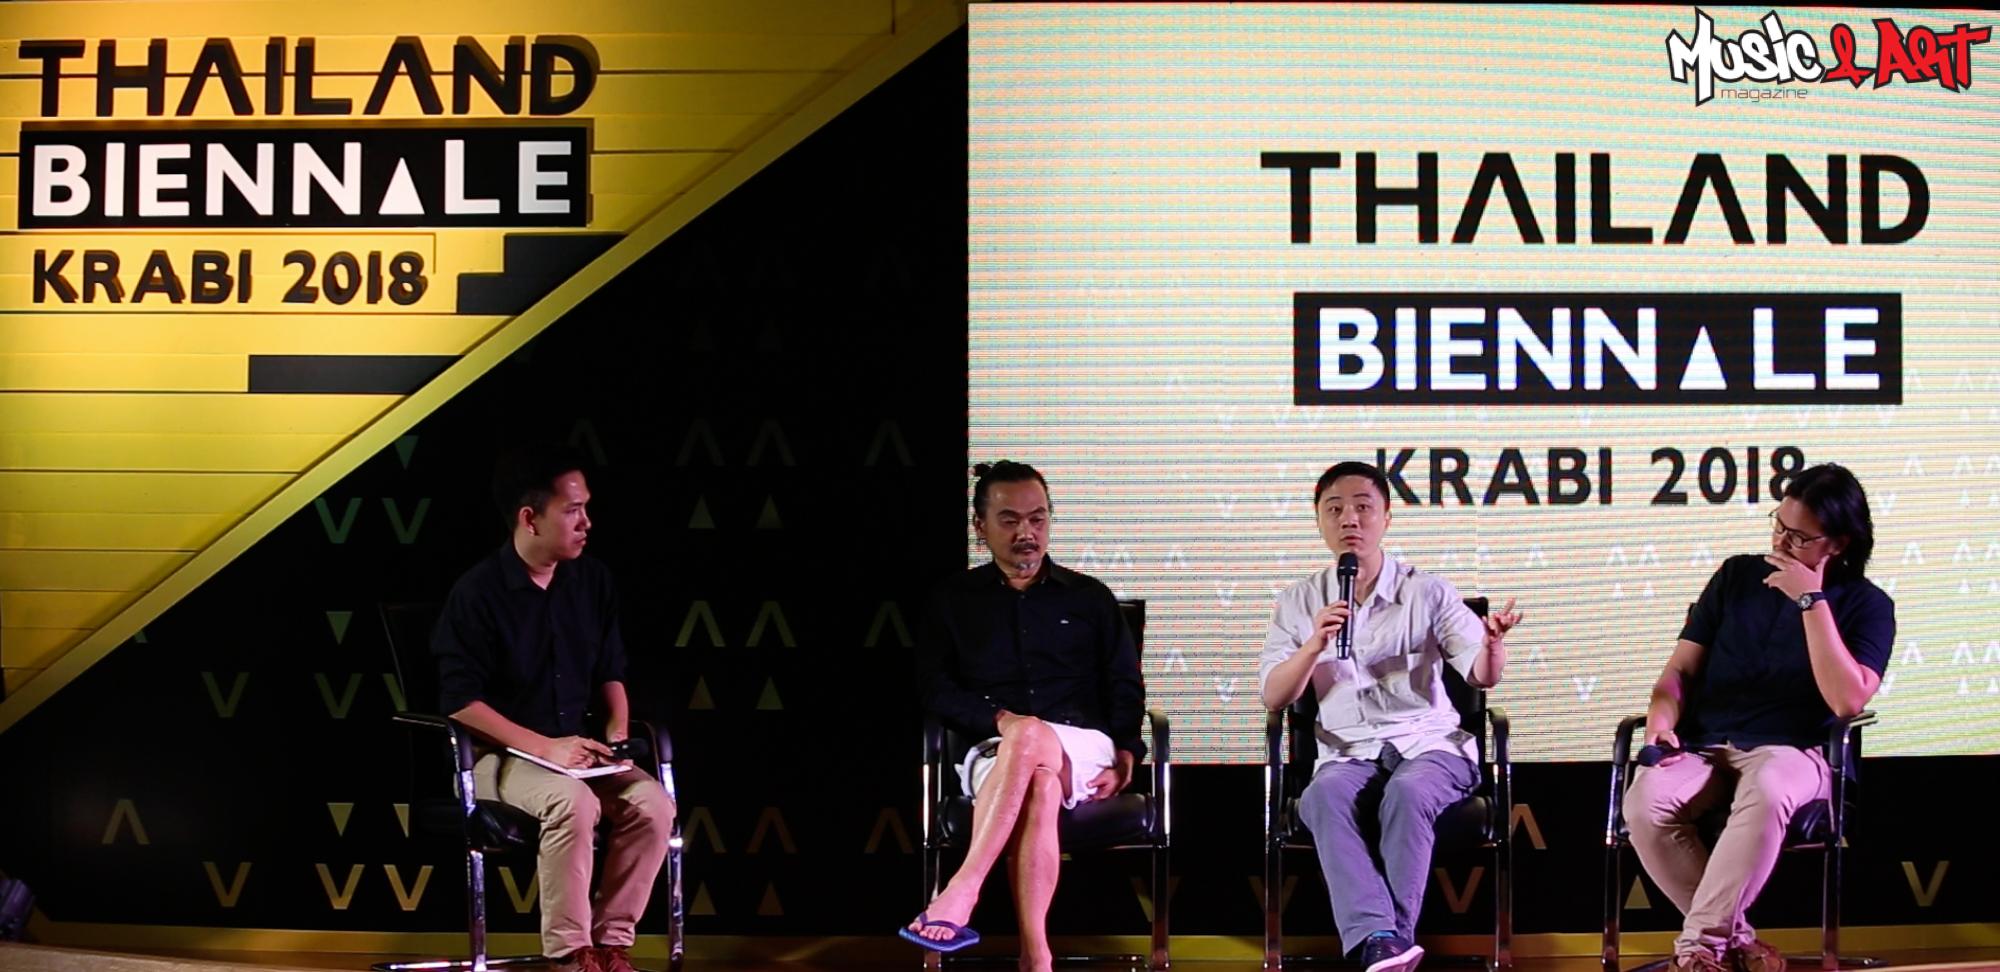 ดร.เจียง เจฮง ภัณฑารักษ์ของงาน Thailand Biennale, Krabi 2018